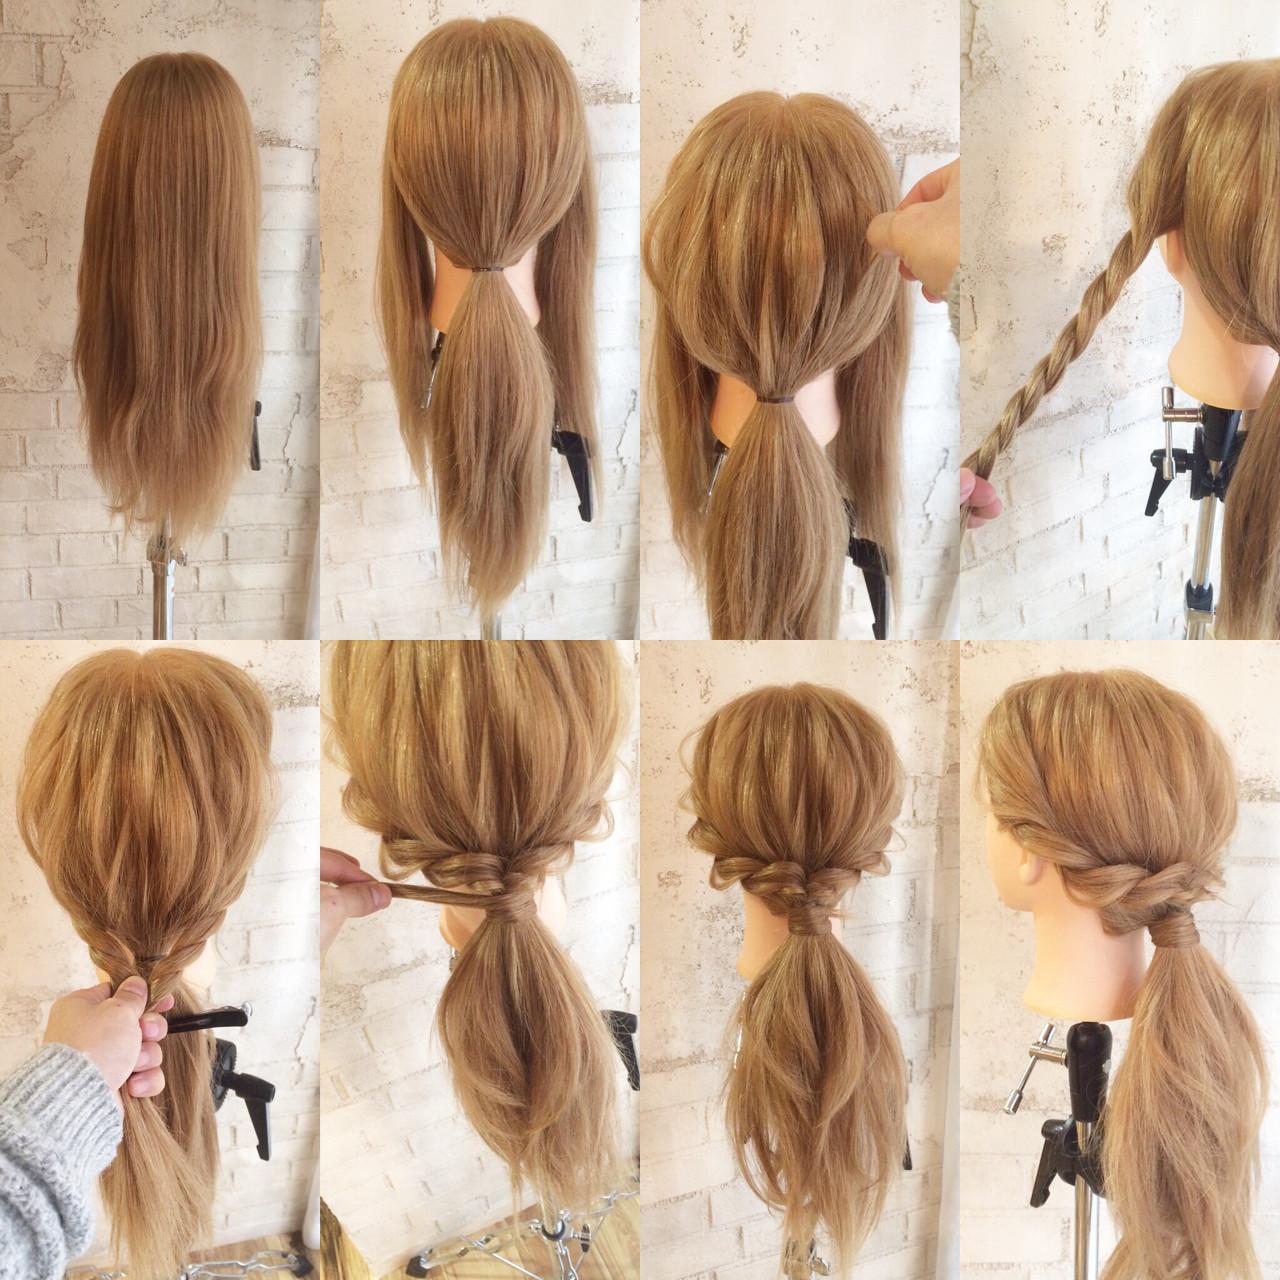 ゆるふわ ポニーテール ヘアアレンジ 簡単ヘアアレンジヘアスタイルや髪型の写真・画像